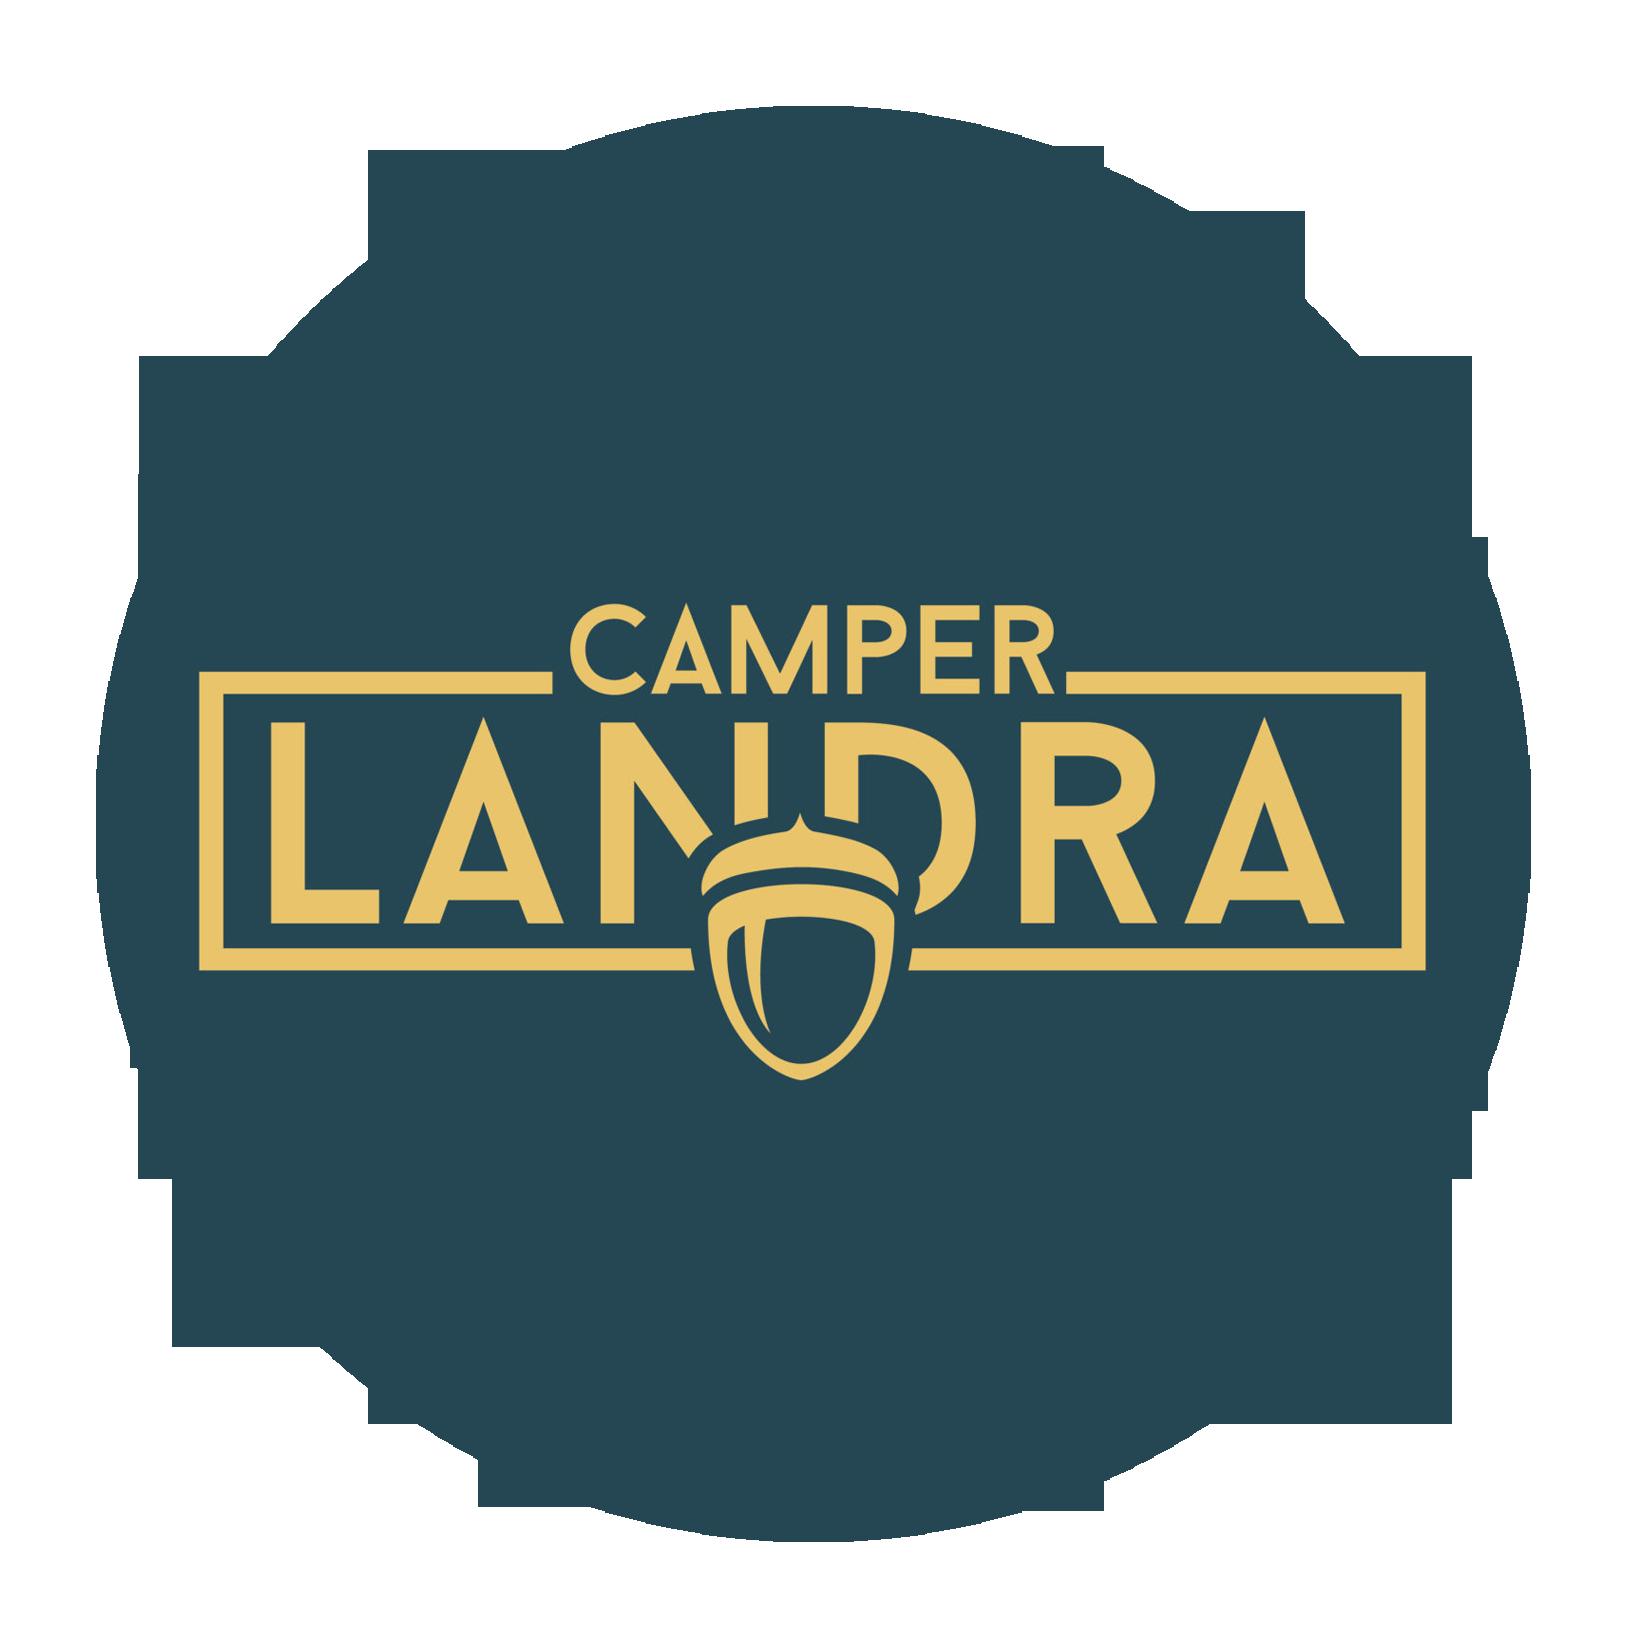 Landra Camper. Camperizar furgonetas. Camperizaciones a medida. Preparaciones Camper